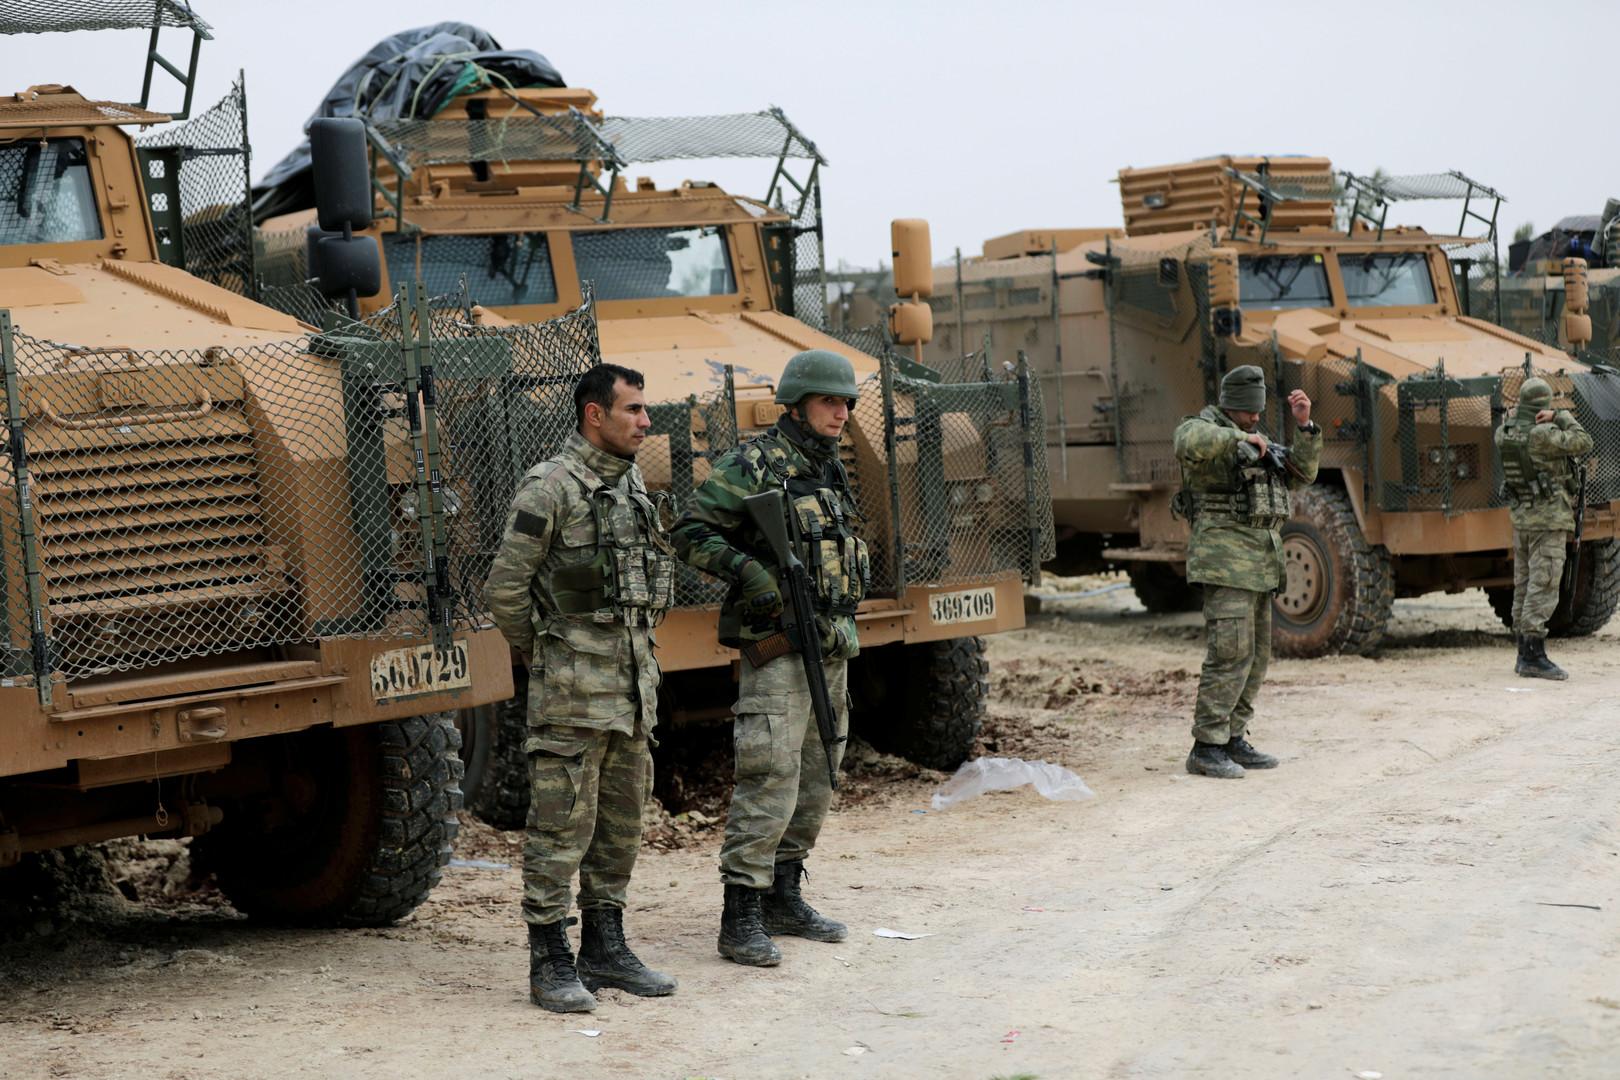 عناصر من الجيش التركي في منطقة عفرين شمال سوريا